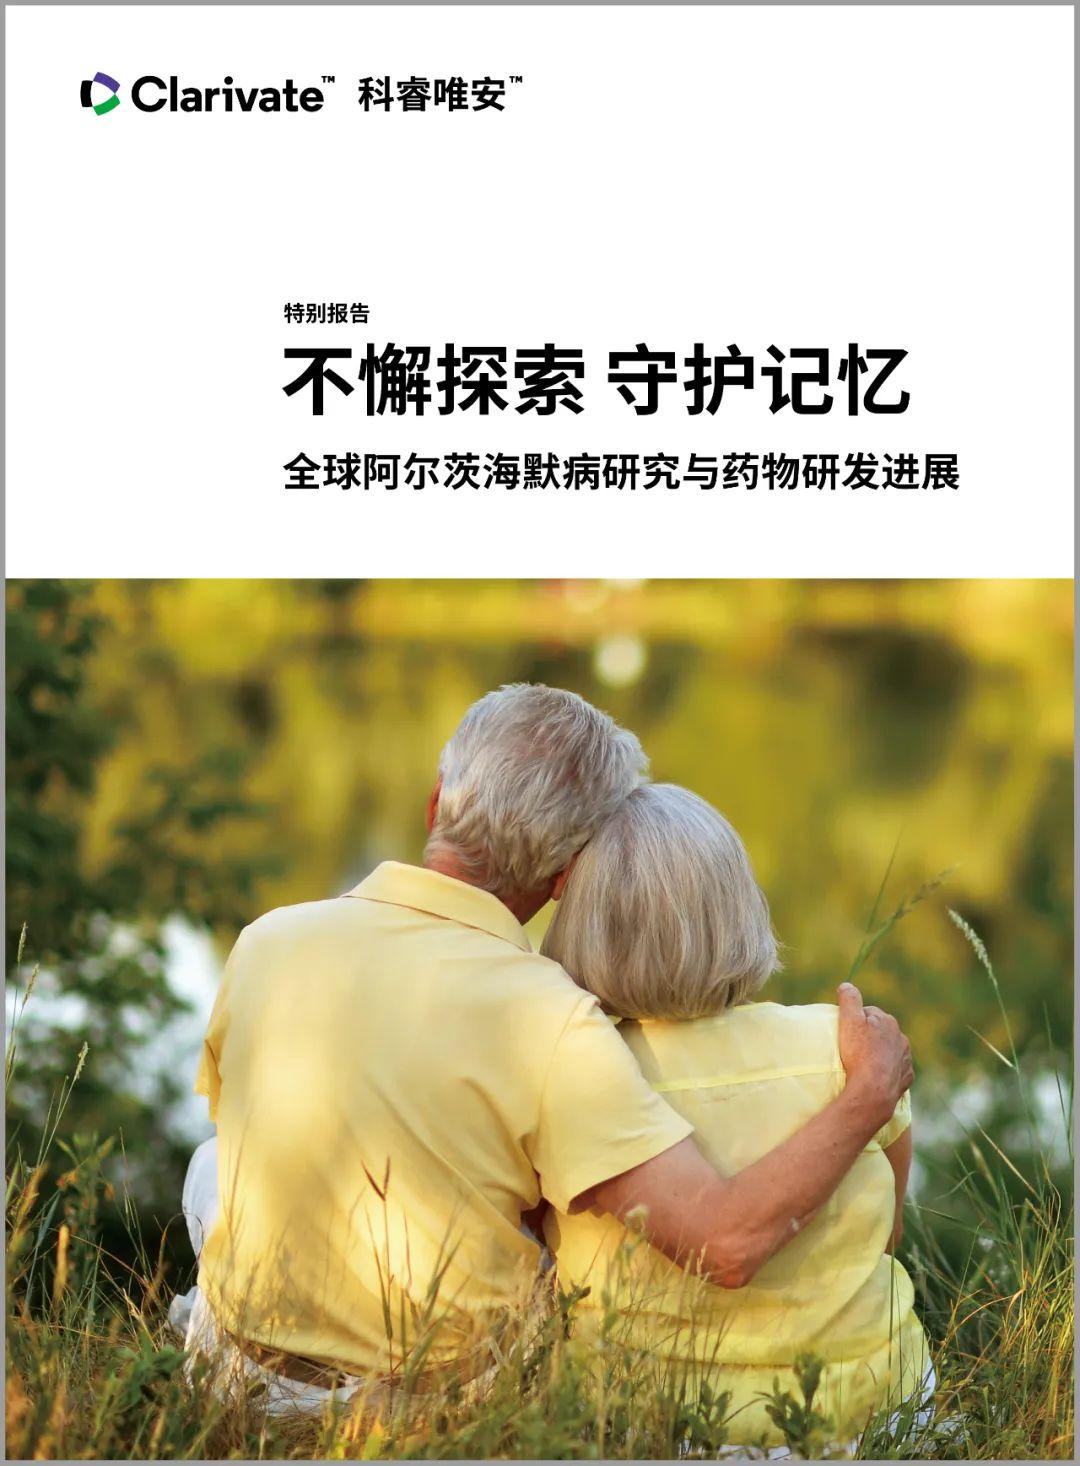 全球阿尔茨海默病研究与药物研发进展(附:报告全文)